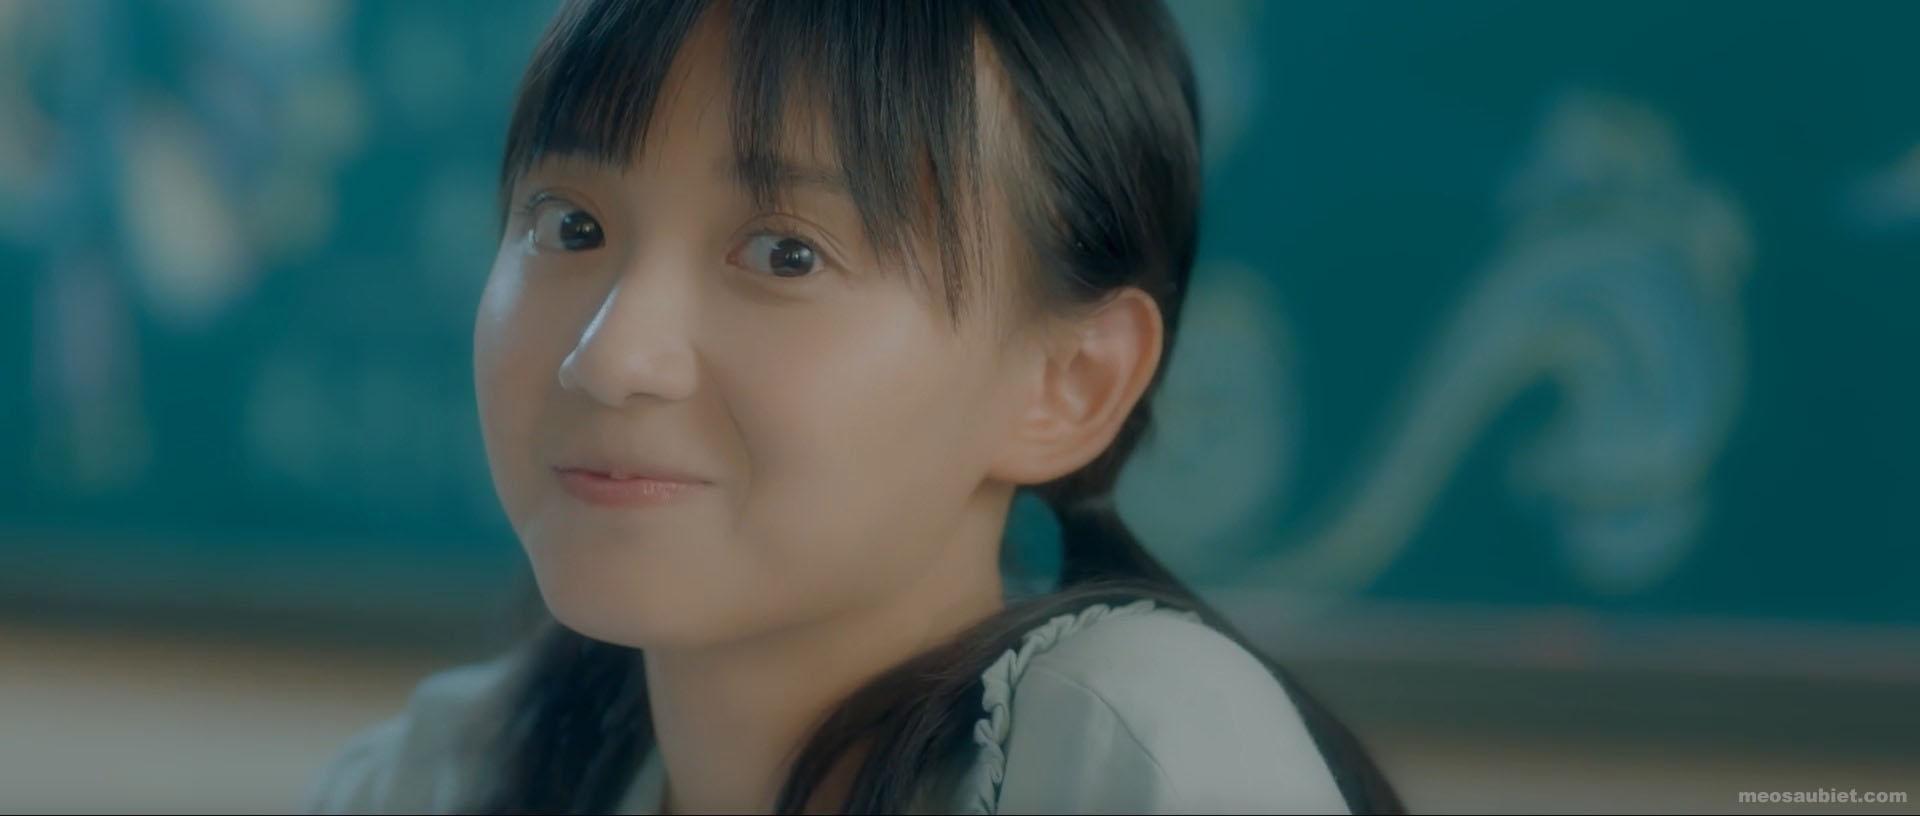 Mùa hạ thoáng qua 2018 Bốc Quan Kim trong vai Hà Lạc